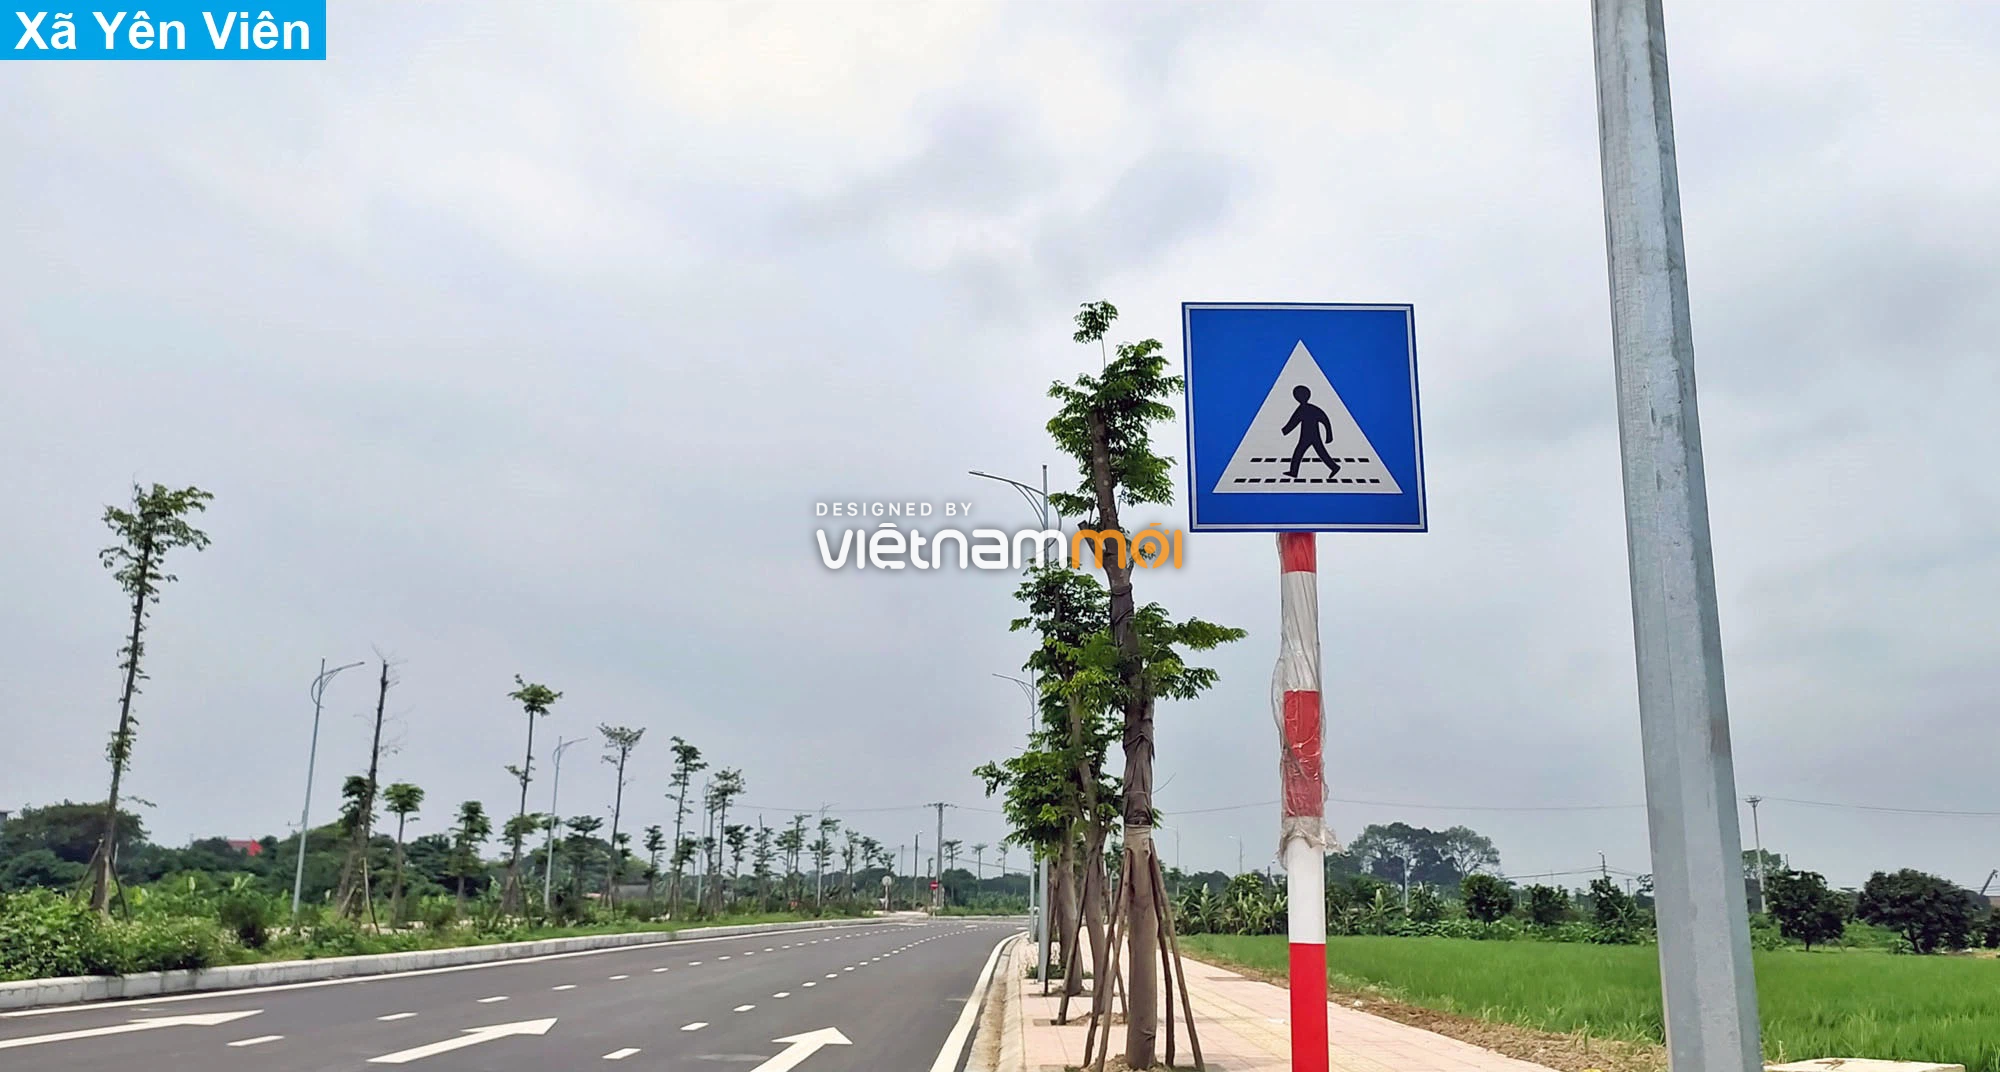 Toàn cảnh tuyến đường 40 m qua xã Yên Viên, Yên Thường đang mở theo quy hoạch ở Hà Nội - Ảnh 5.